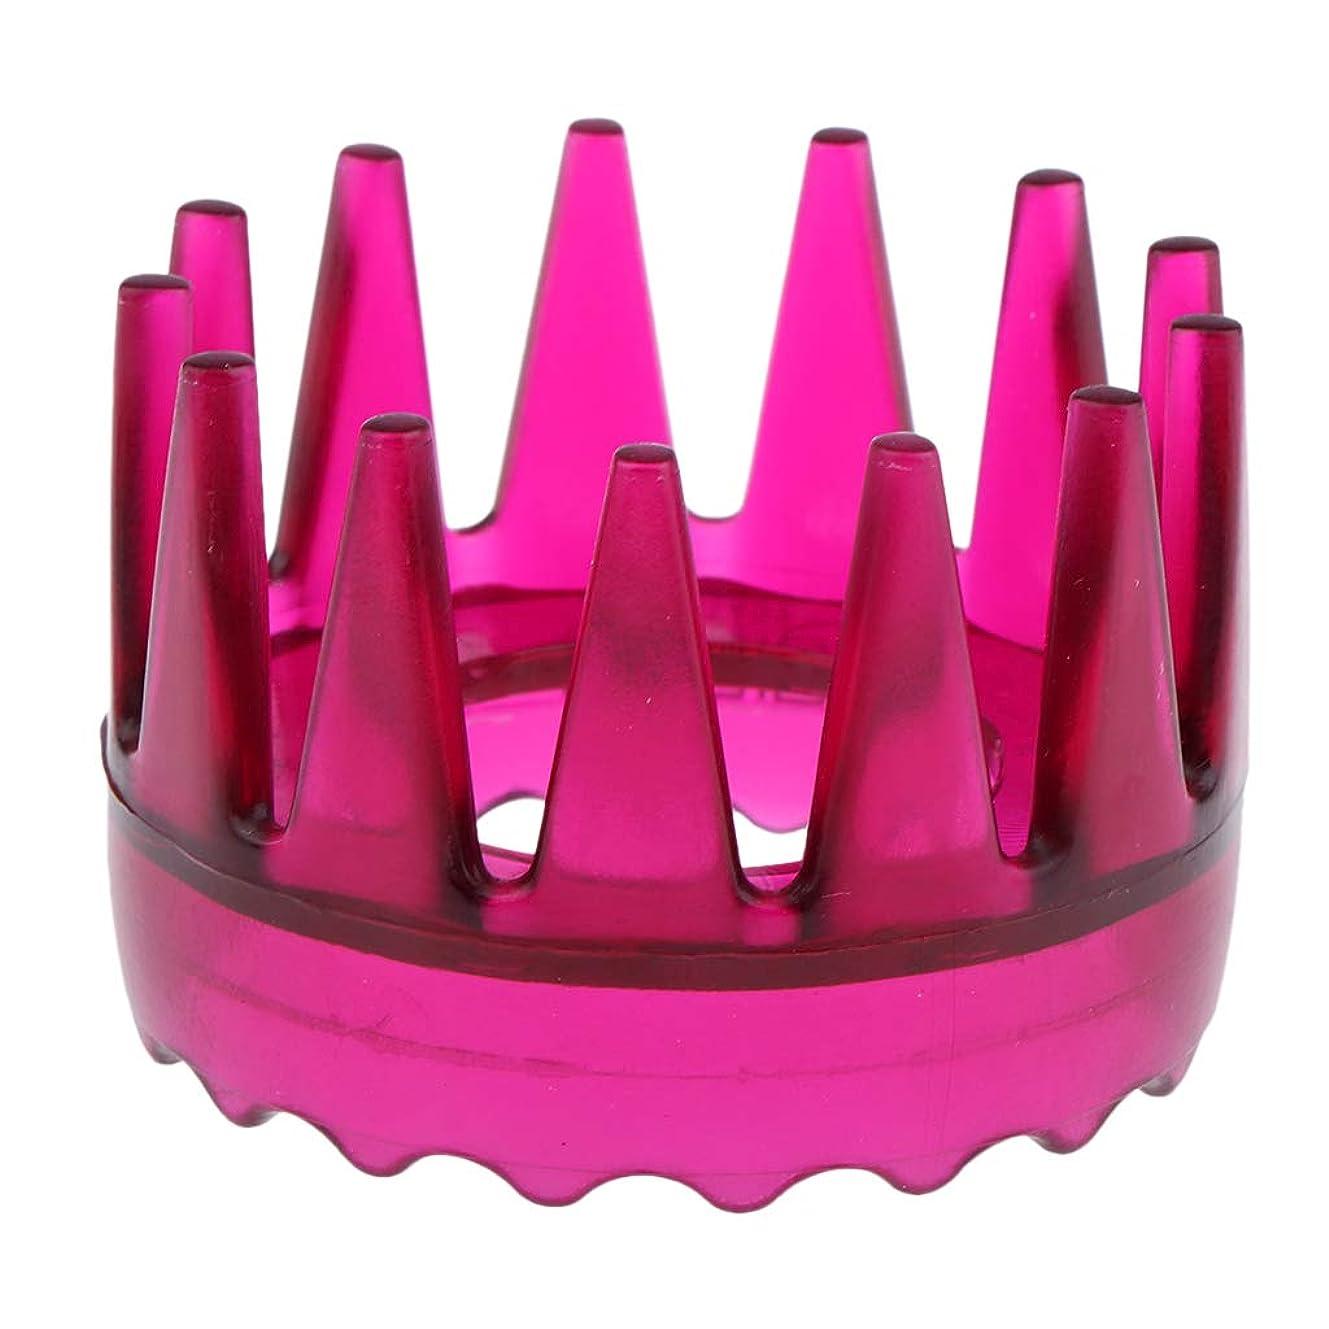 雇うバラバラにする晴れ頭皮マッサージ 櫛 シャワー シャンプー ヘアブラシ 4色選べ - ローズレッド